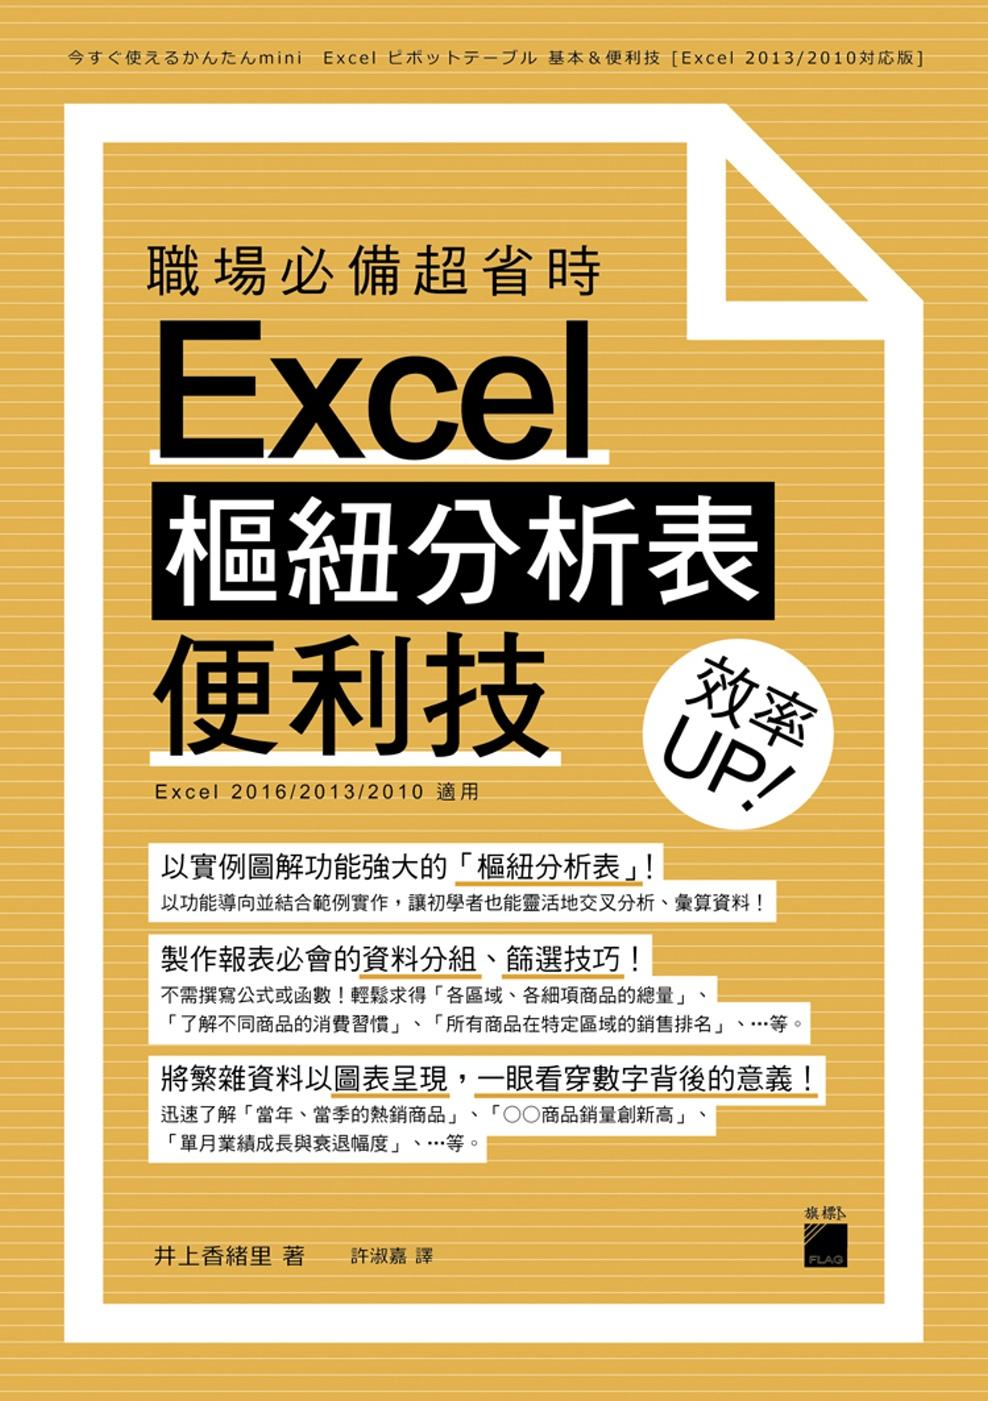 ◤博客來BOOKS◢ 暢銷書榜《推薦》職場必備超省時 Excel 樞紐分析表便利技 效率 UP